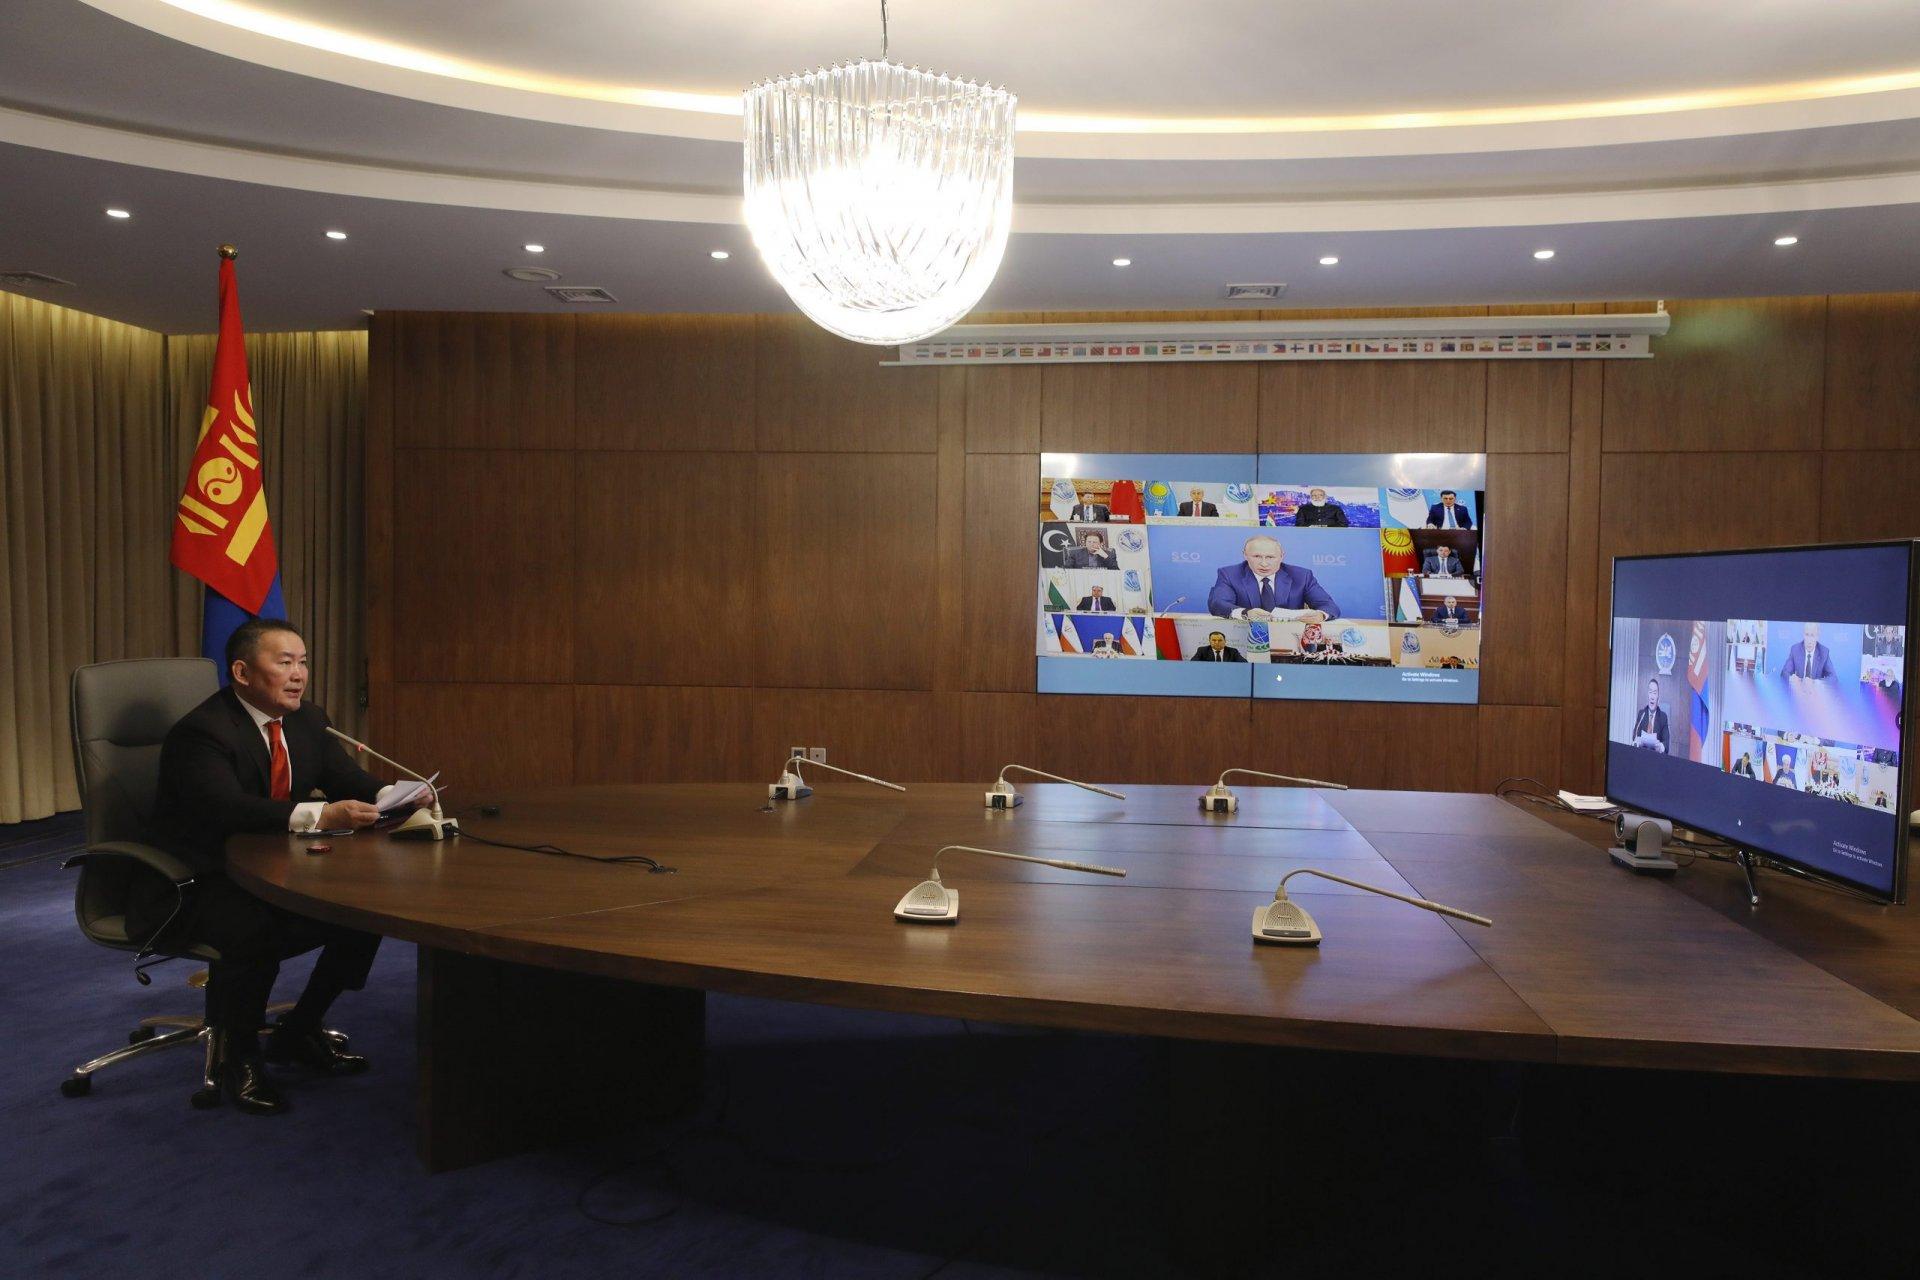 Ерөнхийлөгч Х.Баттулга ШХАБ-ын өргөтгөсөн цахим хуралдаанд оролцож үг хэллээ